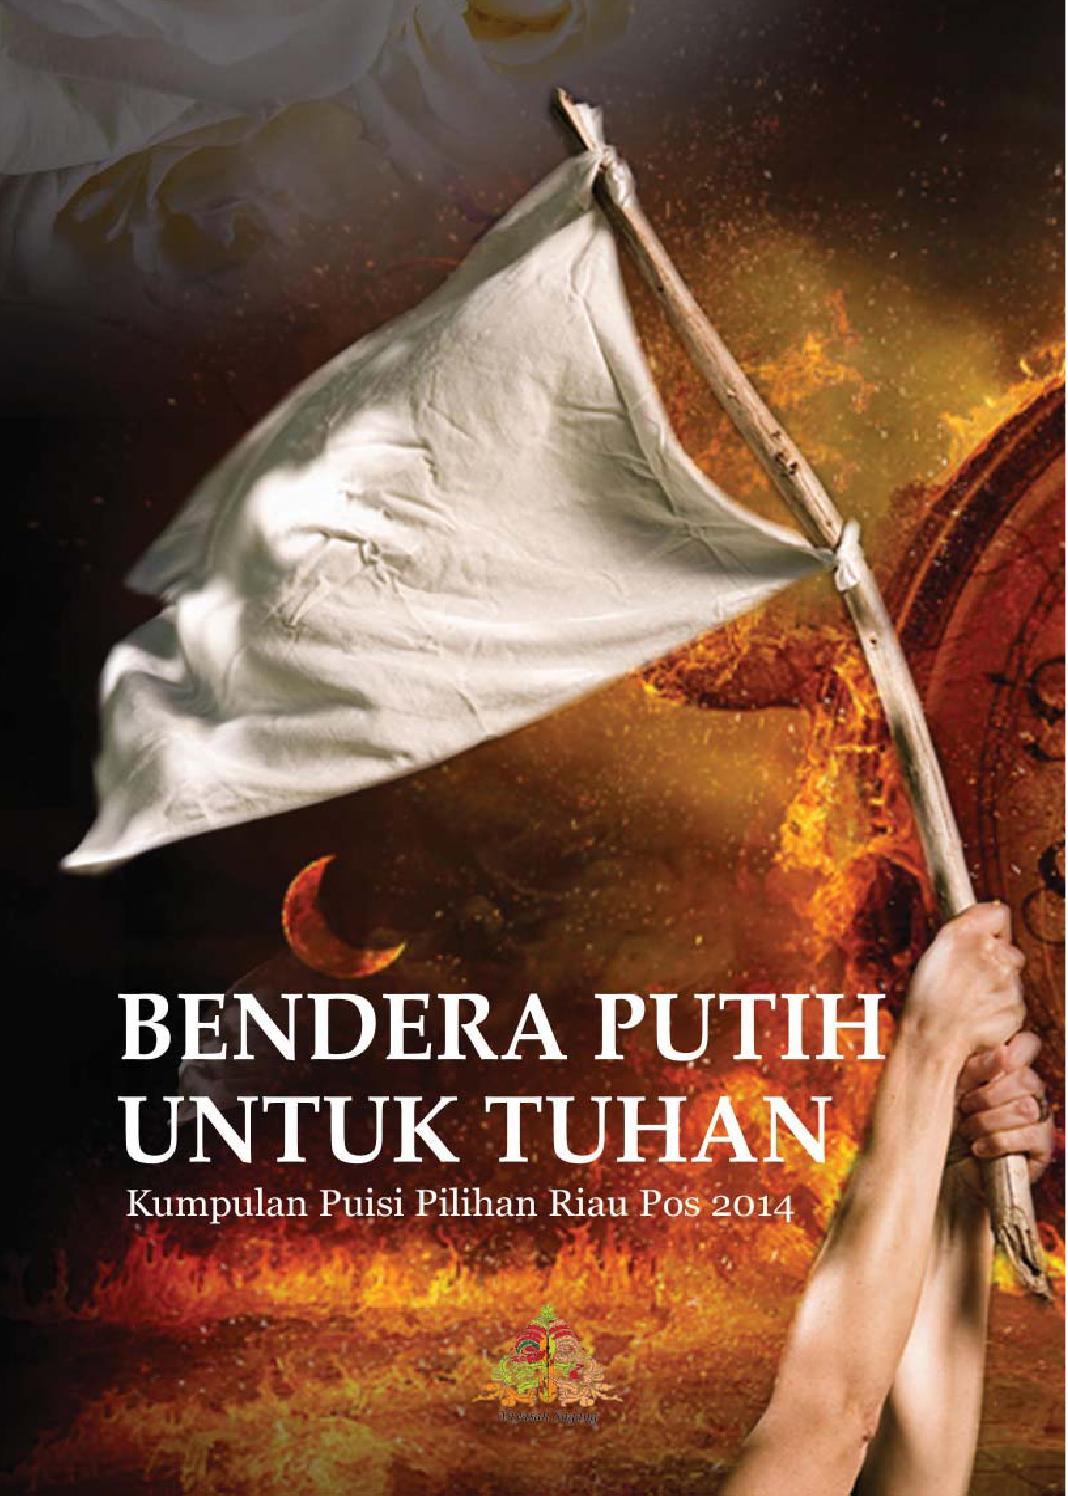 Bendera Putih Untuk Tuhan Baru By Sagang Buku Issuu